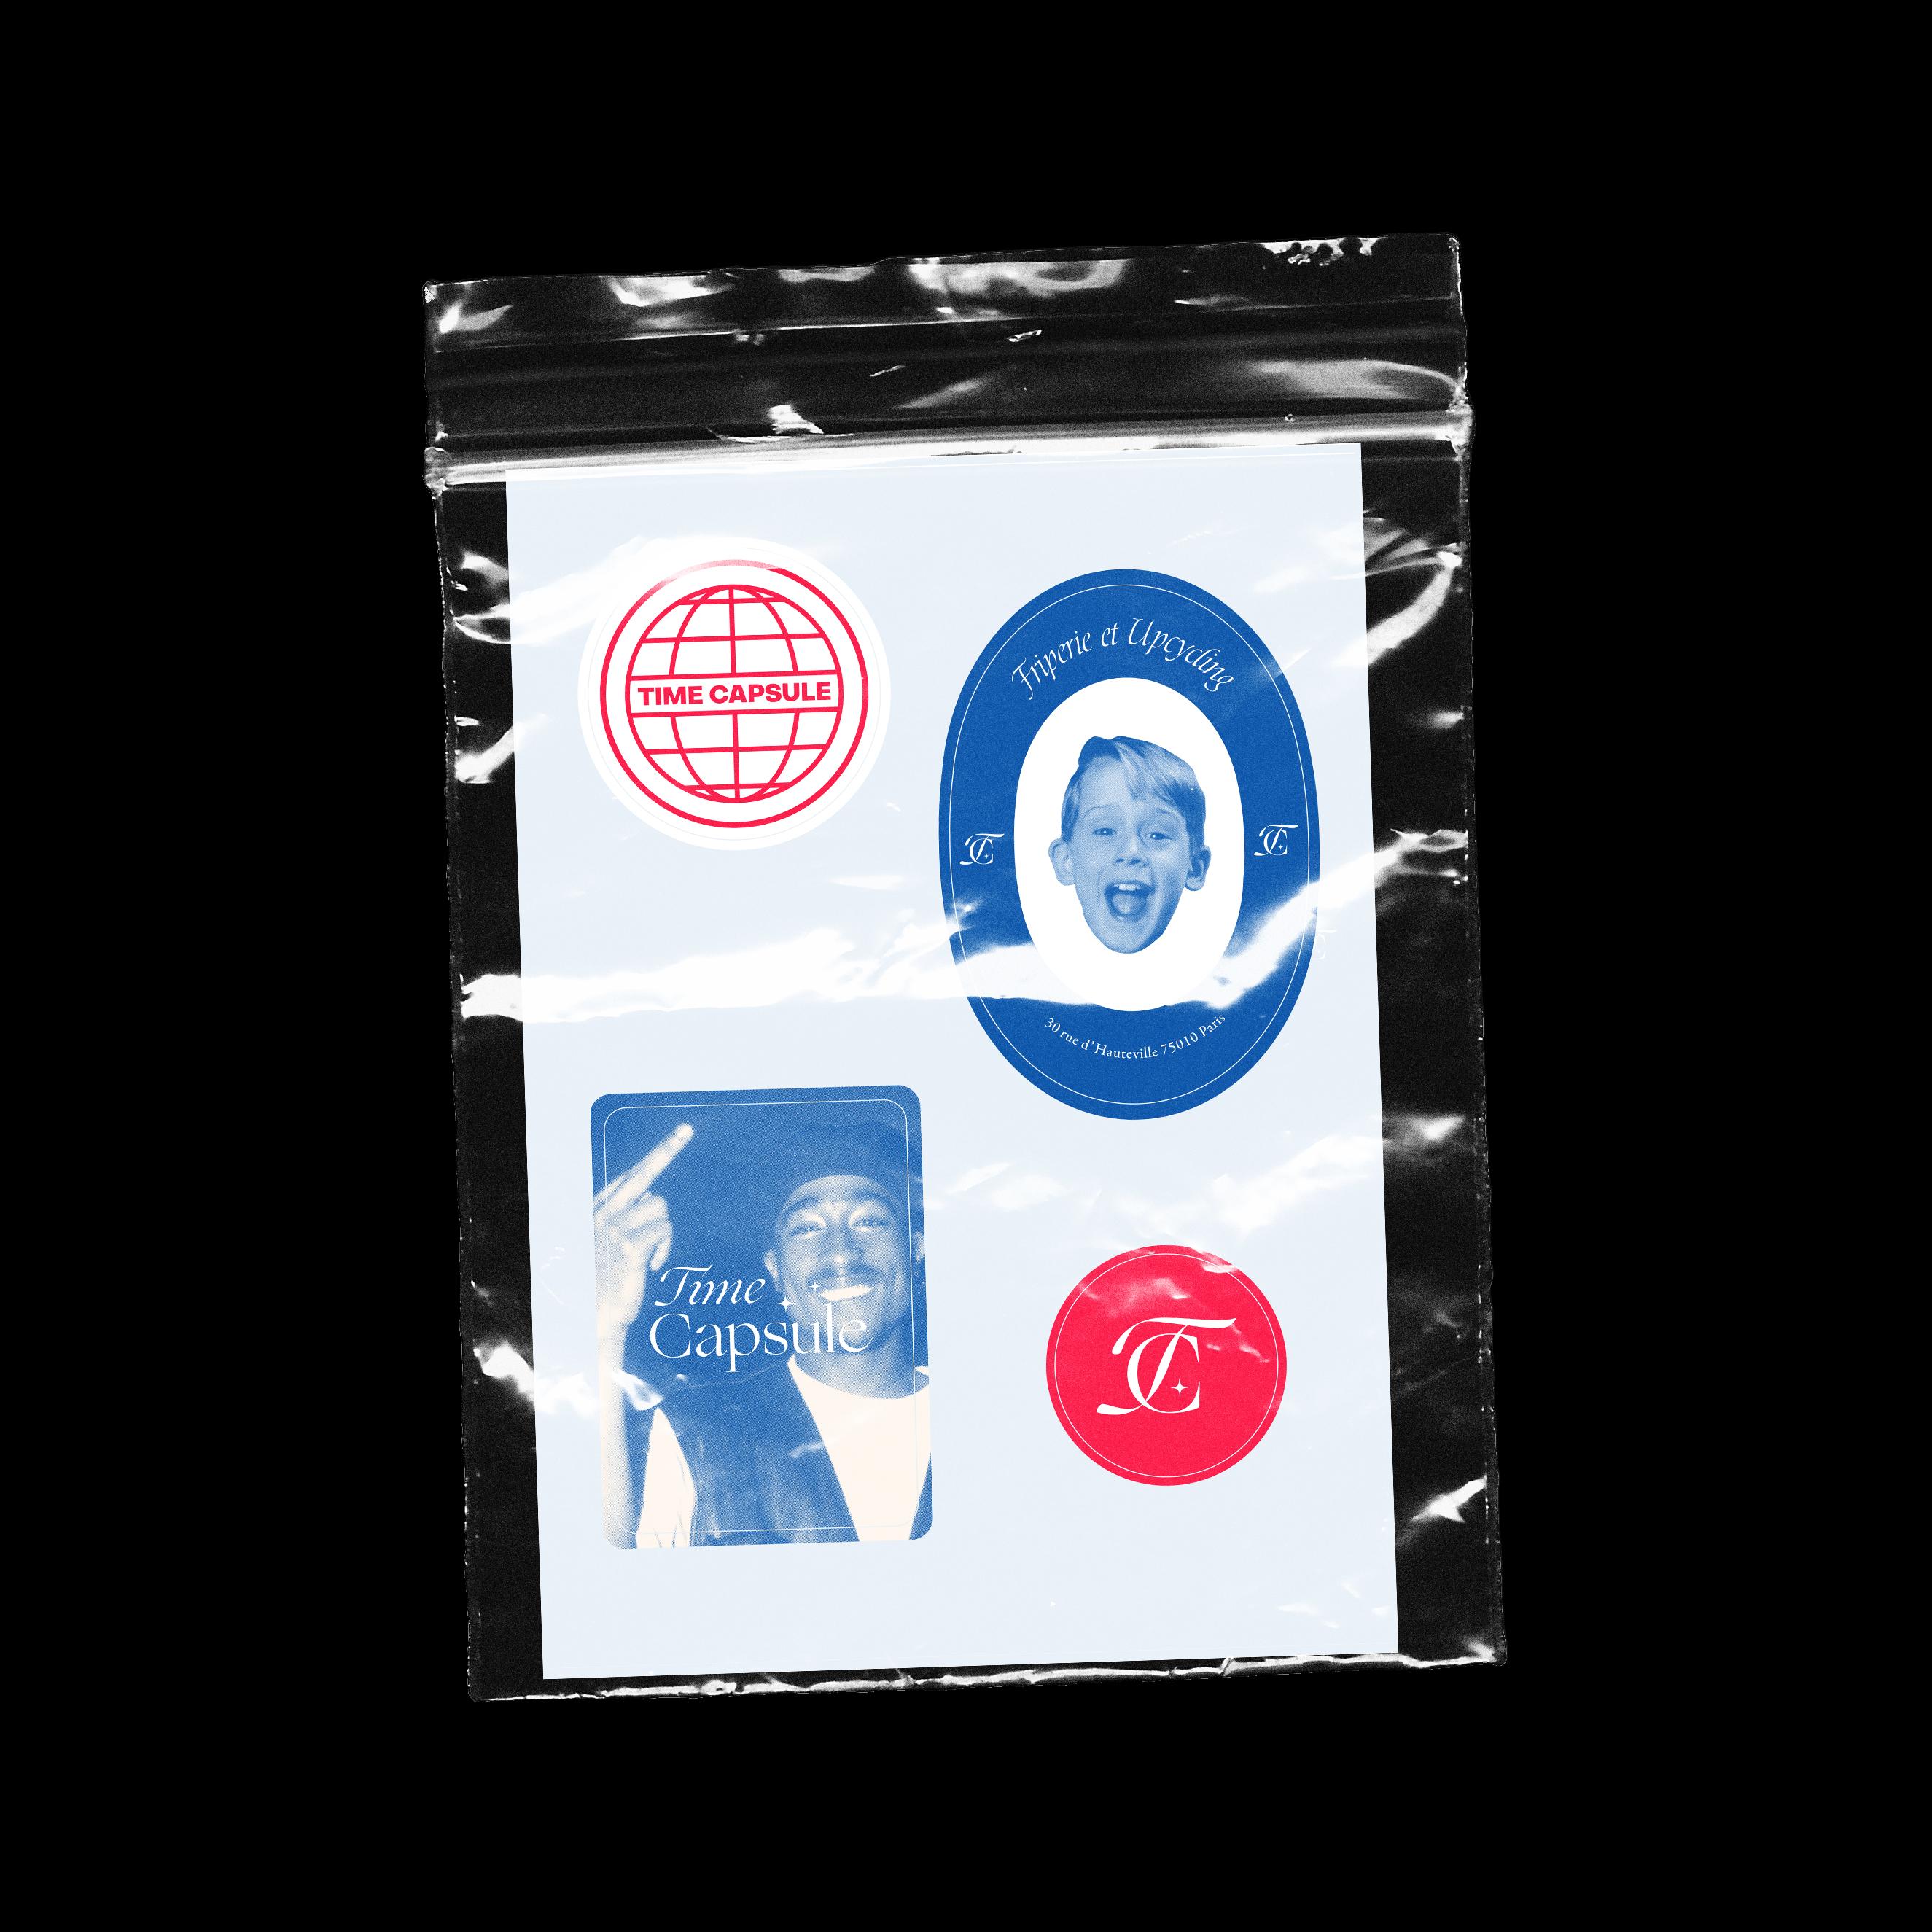 Stickers de l'identité visuelle de la friperie vintage Time Capsule